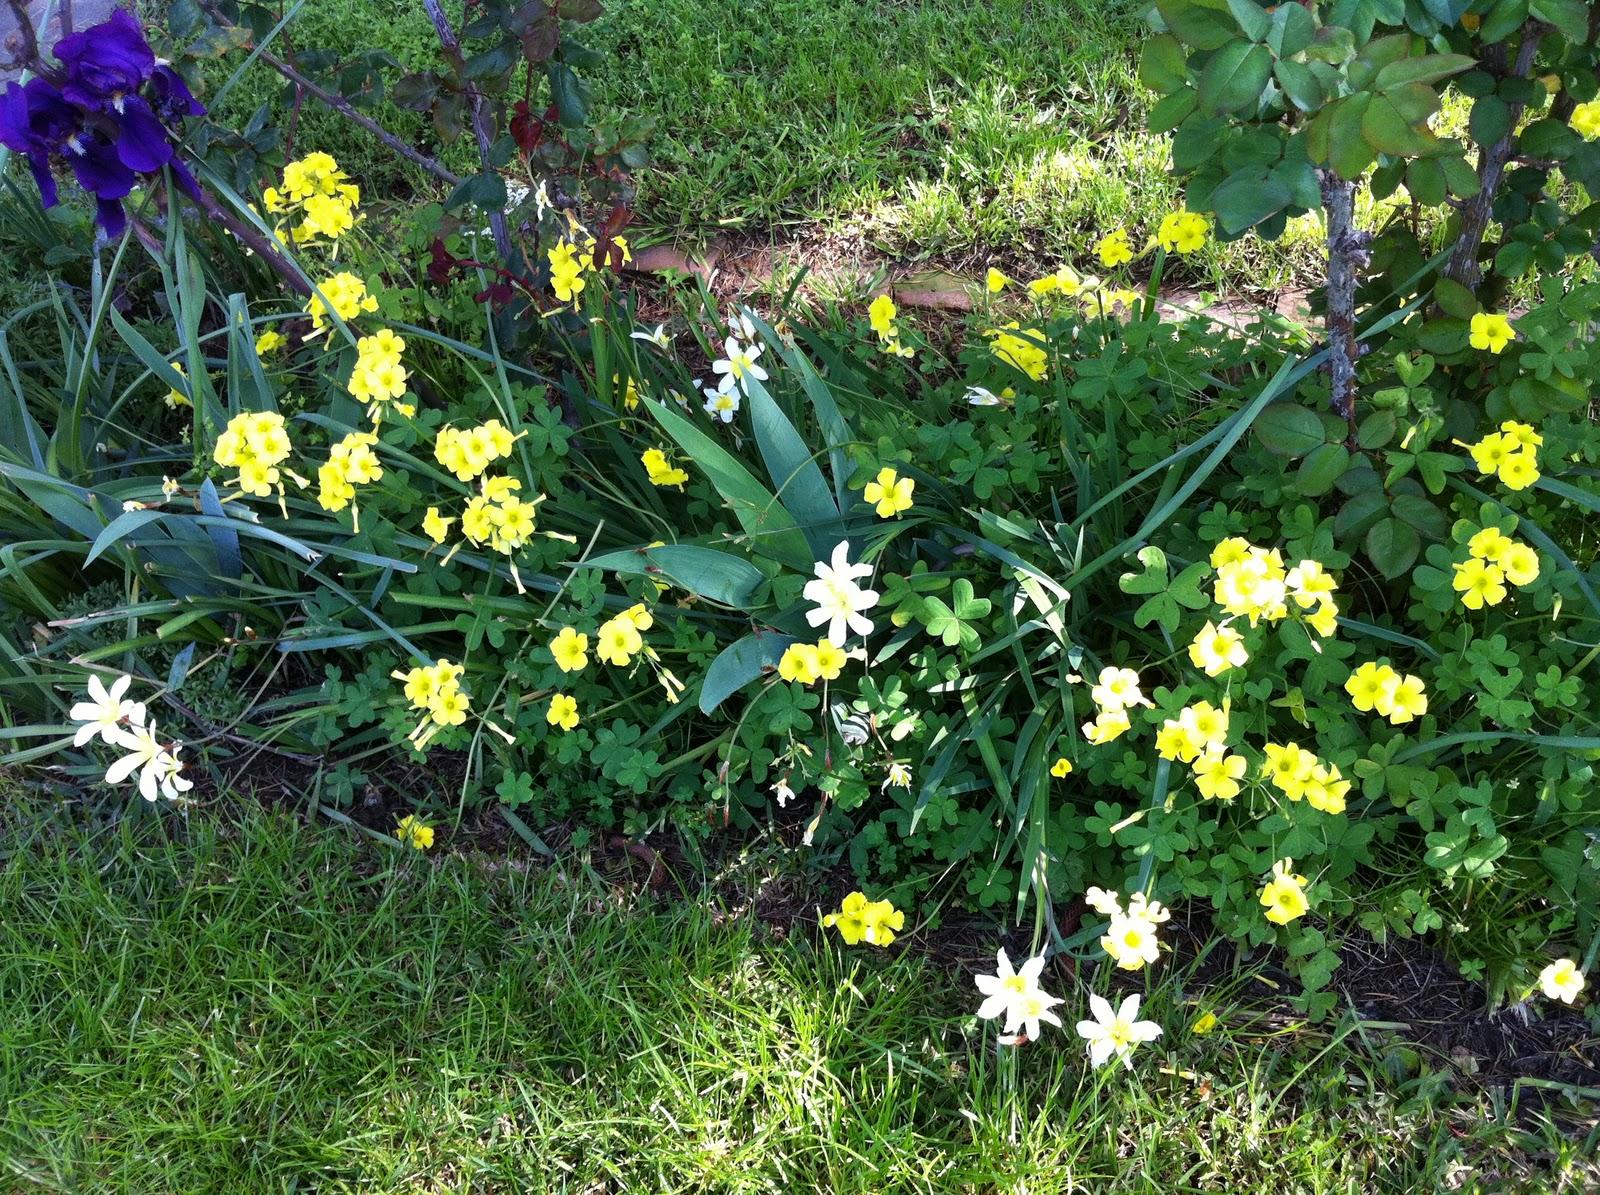 Week 7 Flowering